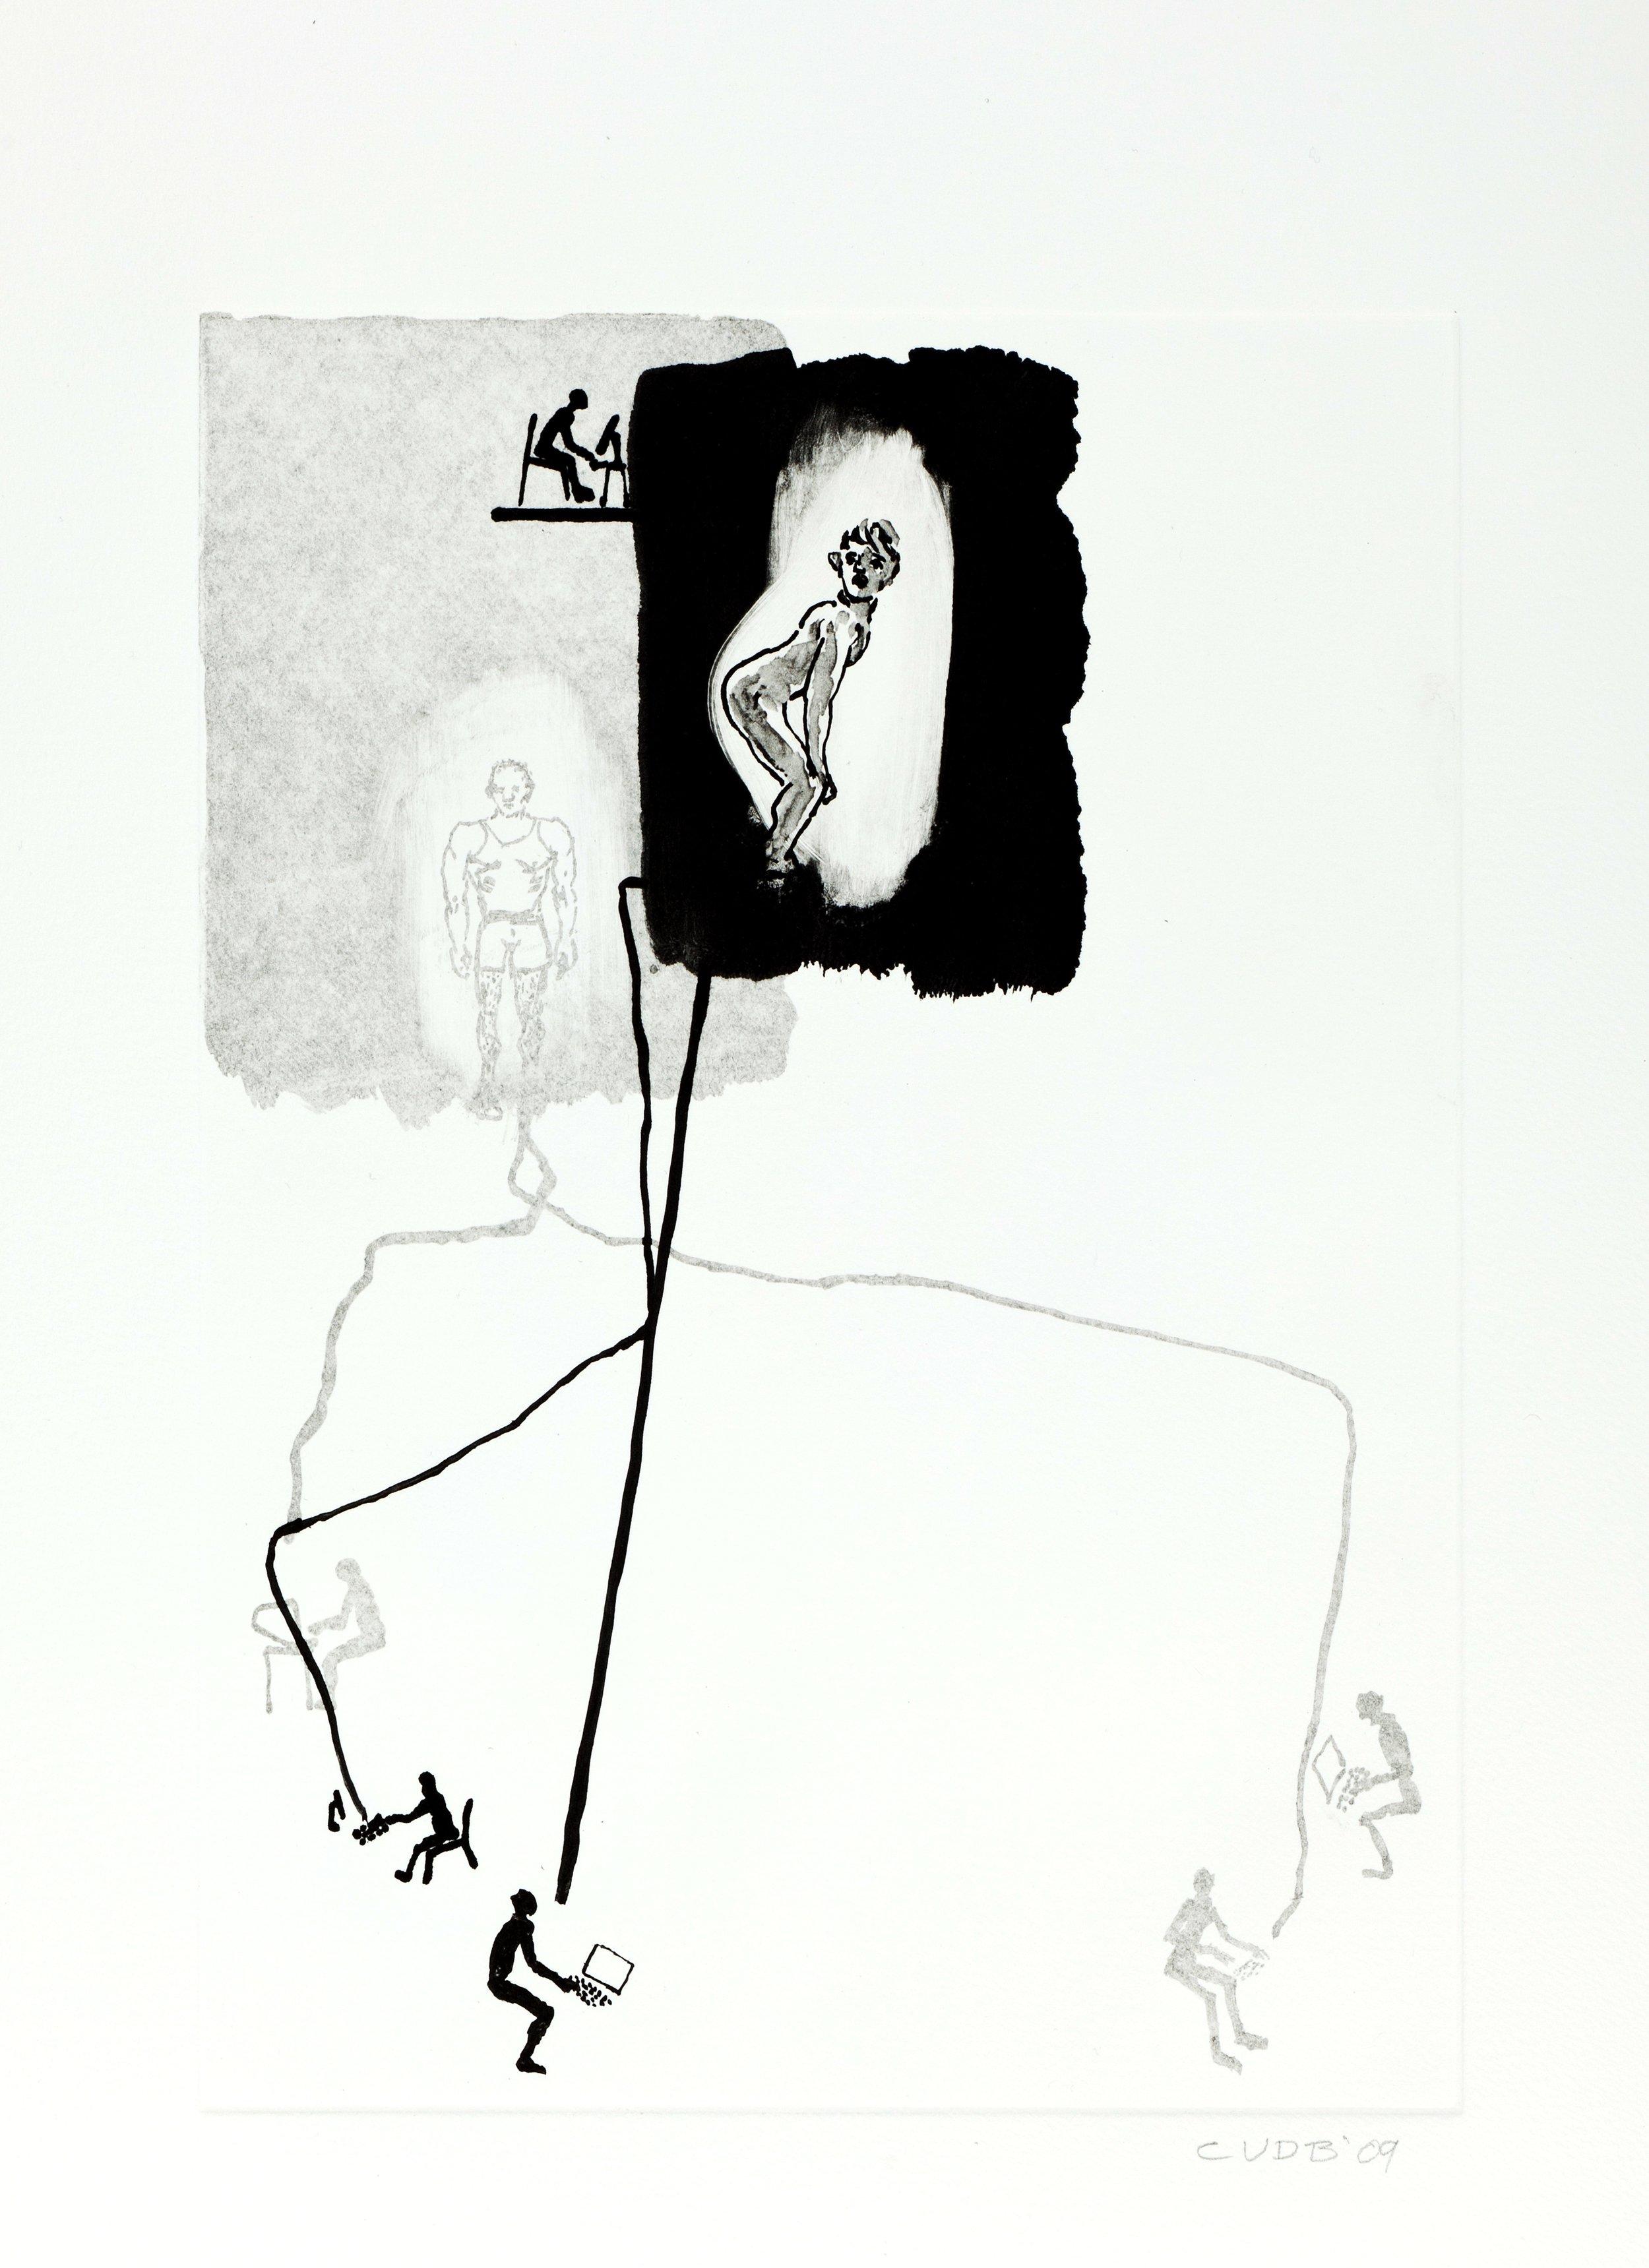 CLIVE VAN DEN BERG     Cyber Erotics II, 2009    Monotype print  76cm x 56cm